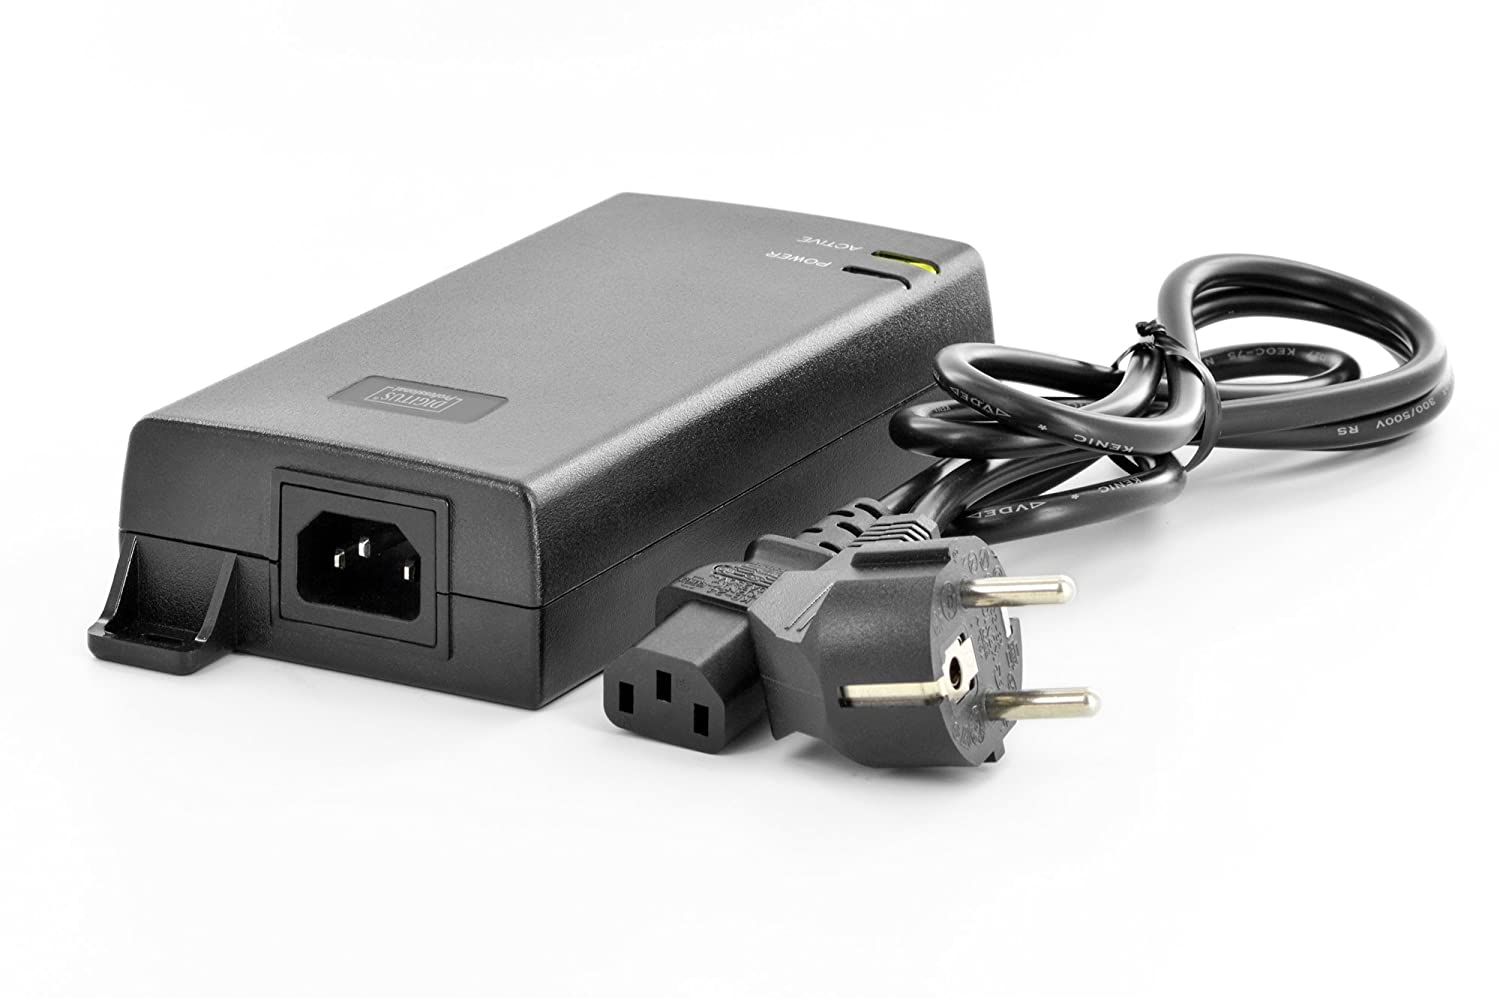 48V // 15.4W Output max DIGITUS Professional PoE Injector 802.3af 10//100 Mbps